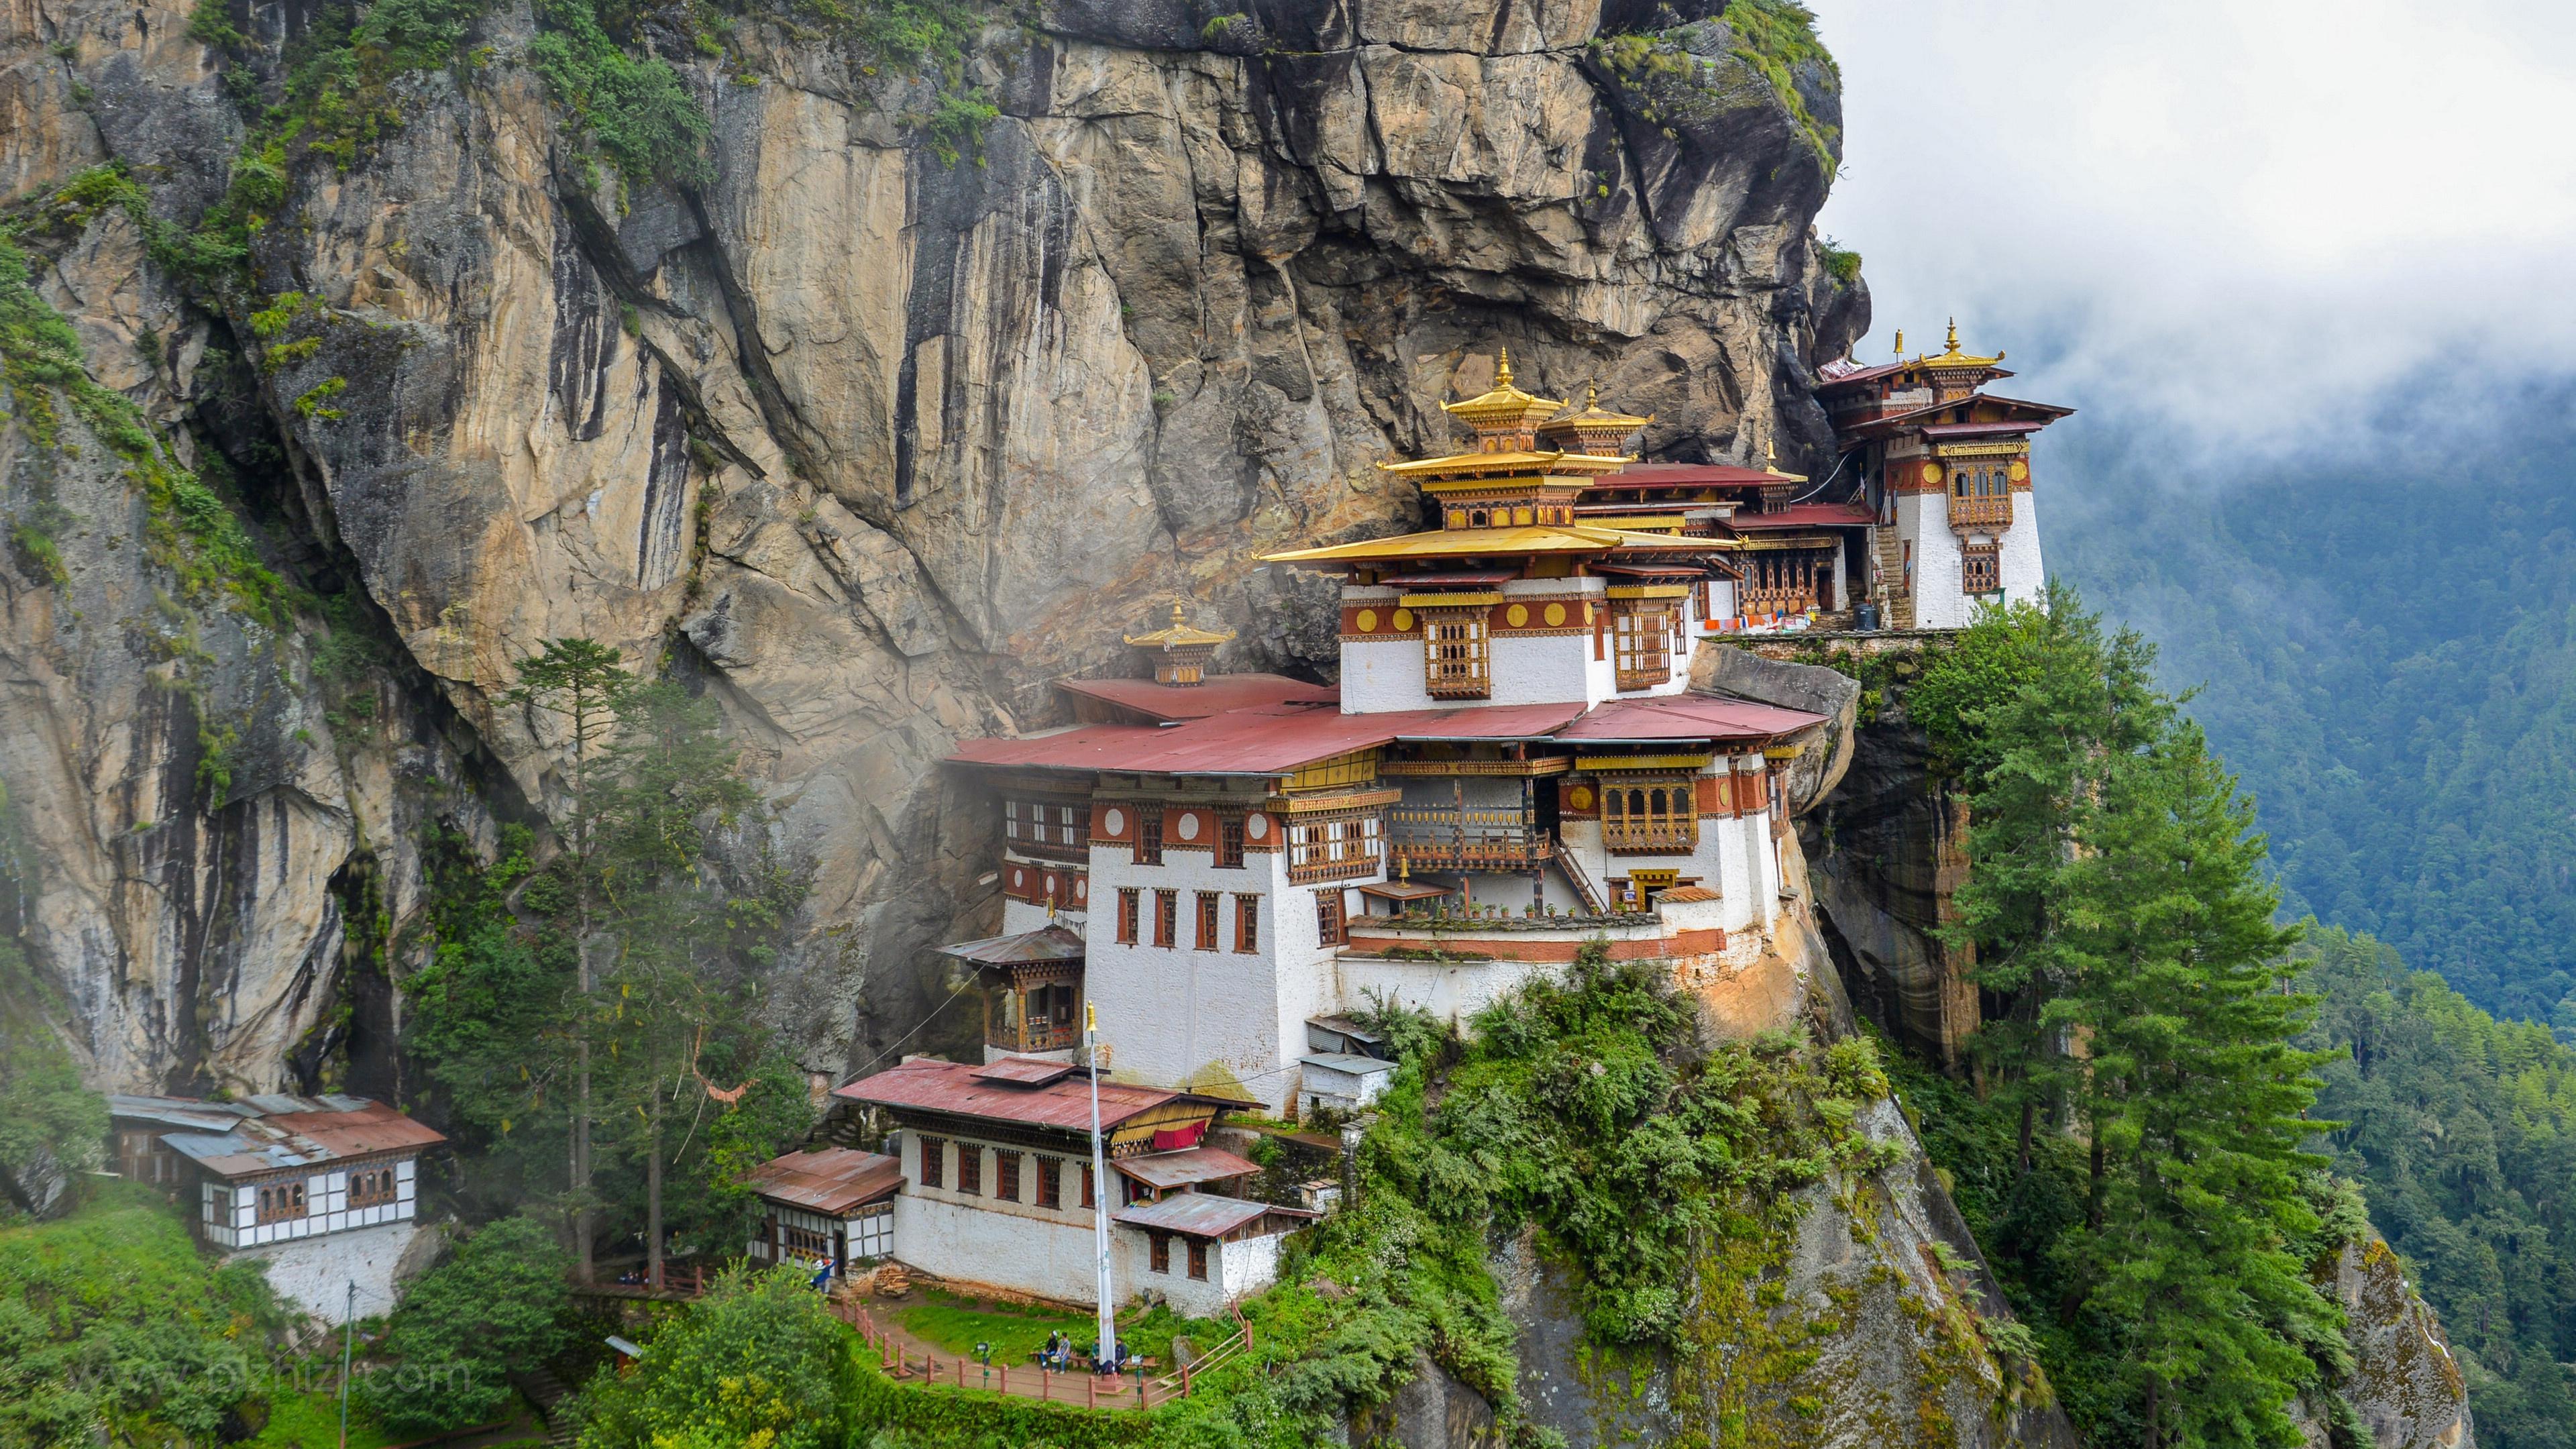 不丹虎穴寺漂亮的建筑图片